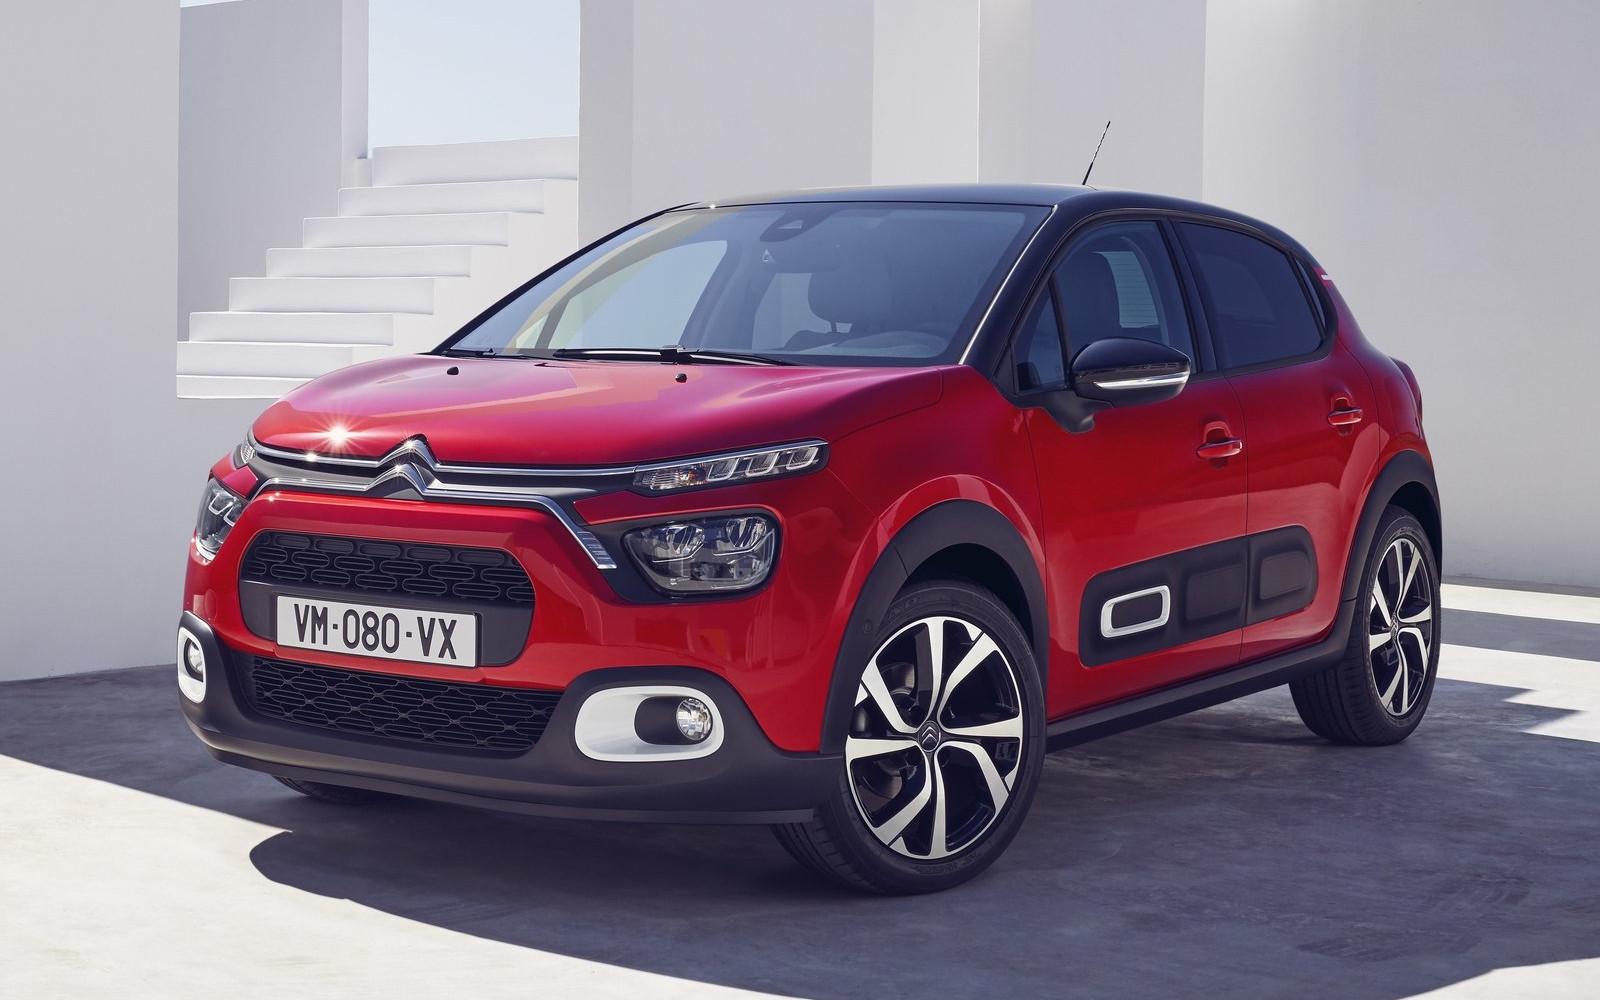 Toata lumea se inghesuie sa le cumpere. Doua Peugeot-uri, cele mai vandute masini in Europa - Toata lumea se inghesuie sa le cumpere. Doua Peugeot-uri, cele mai vandute masini in Europa